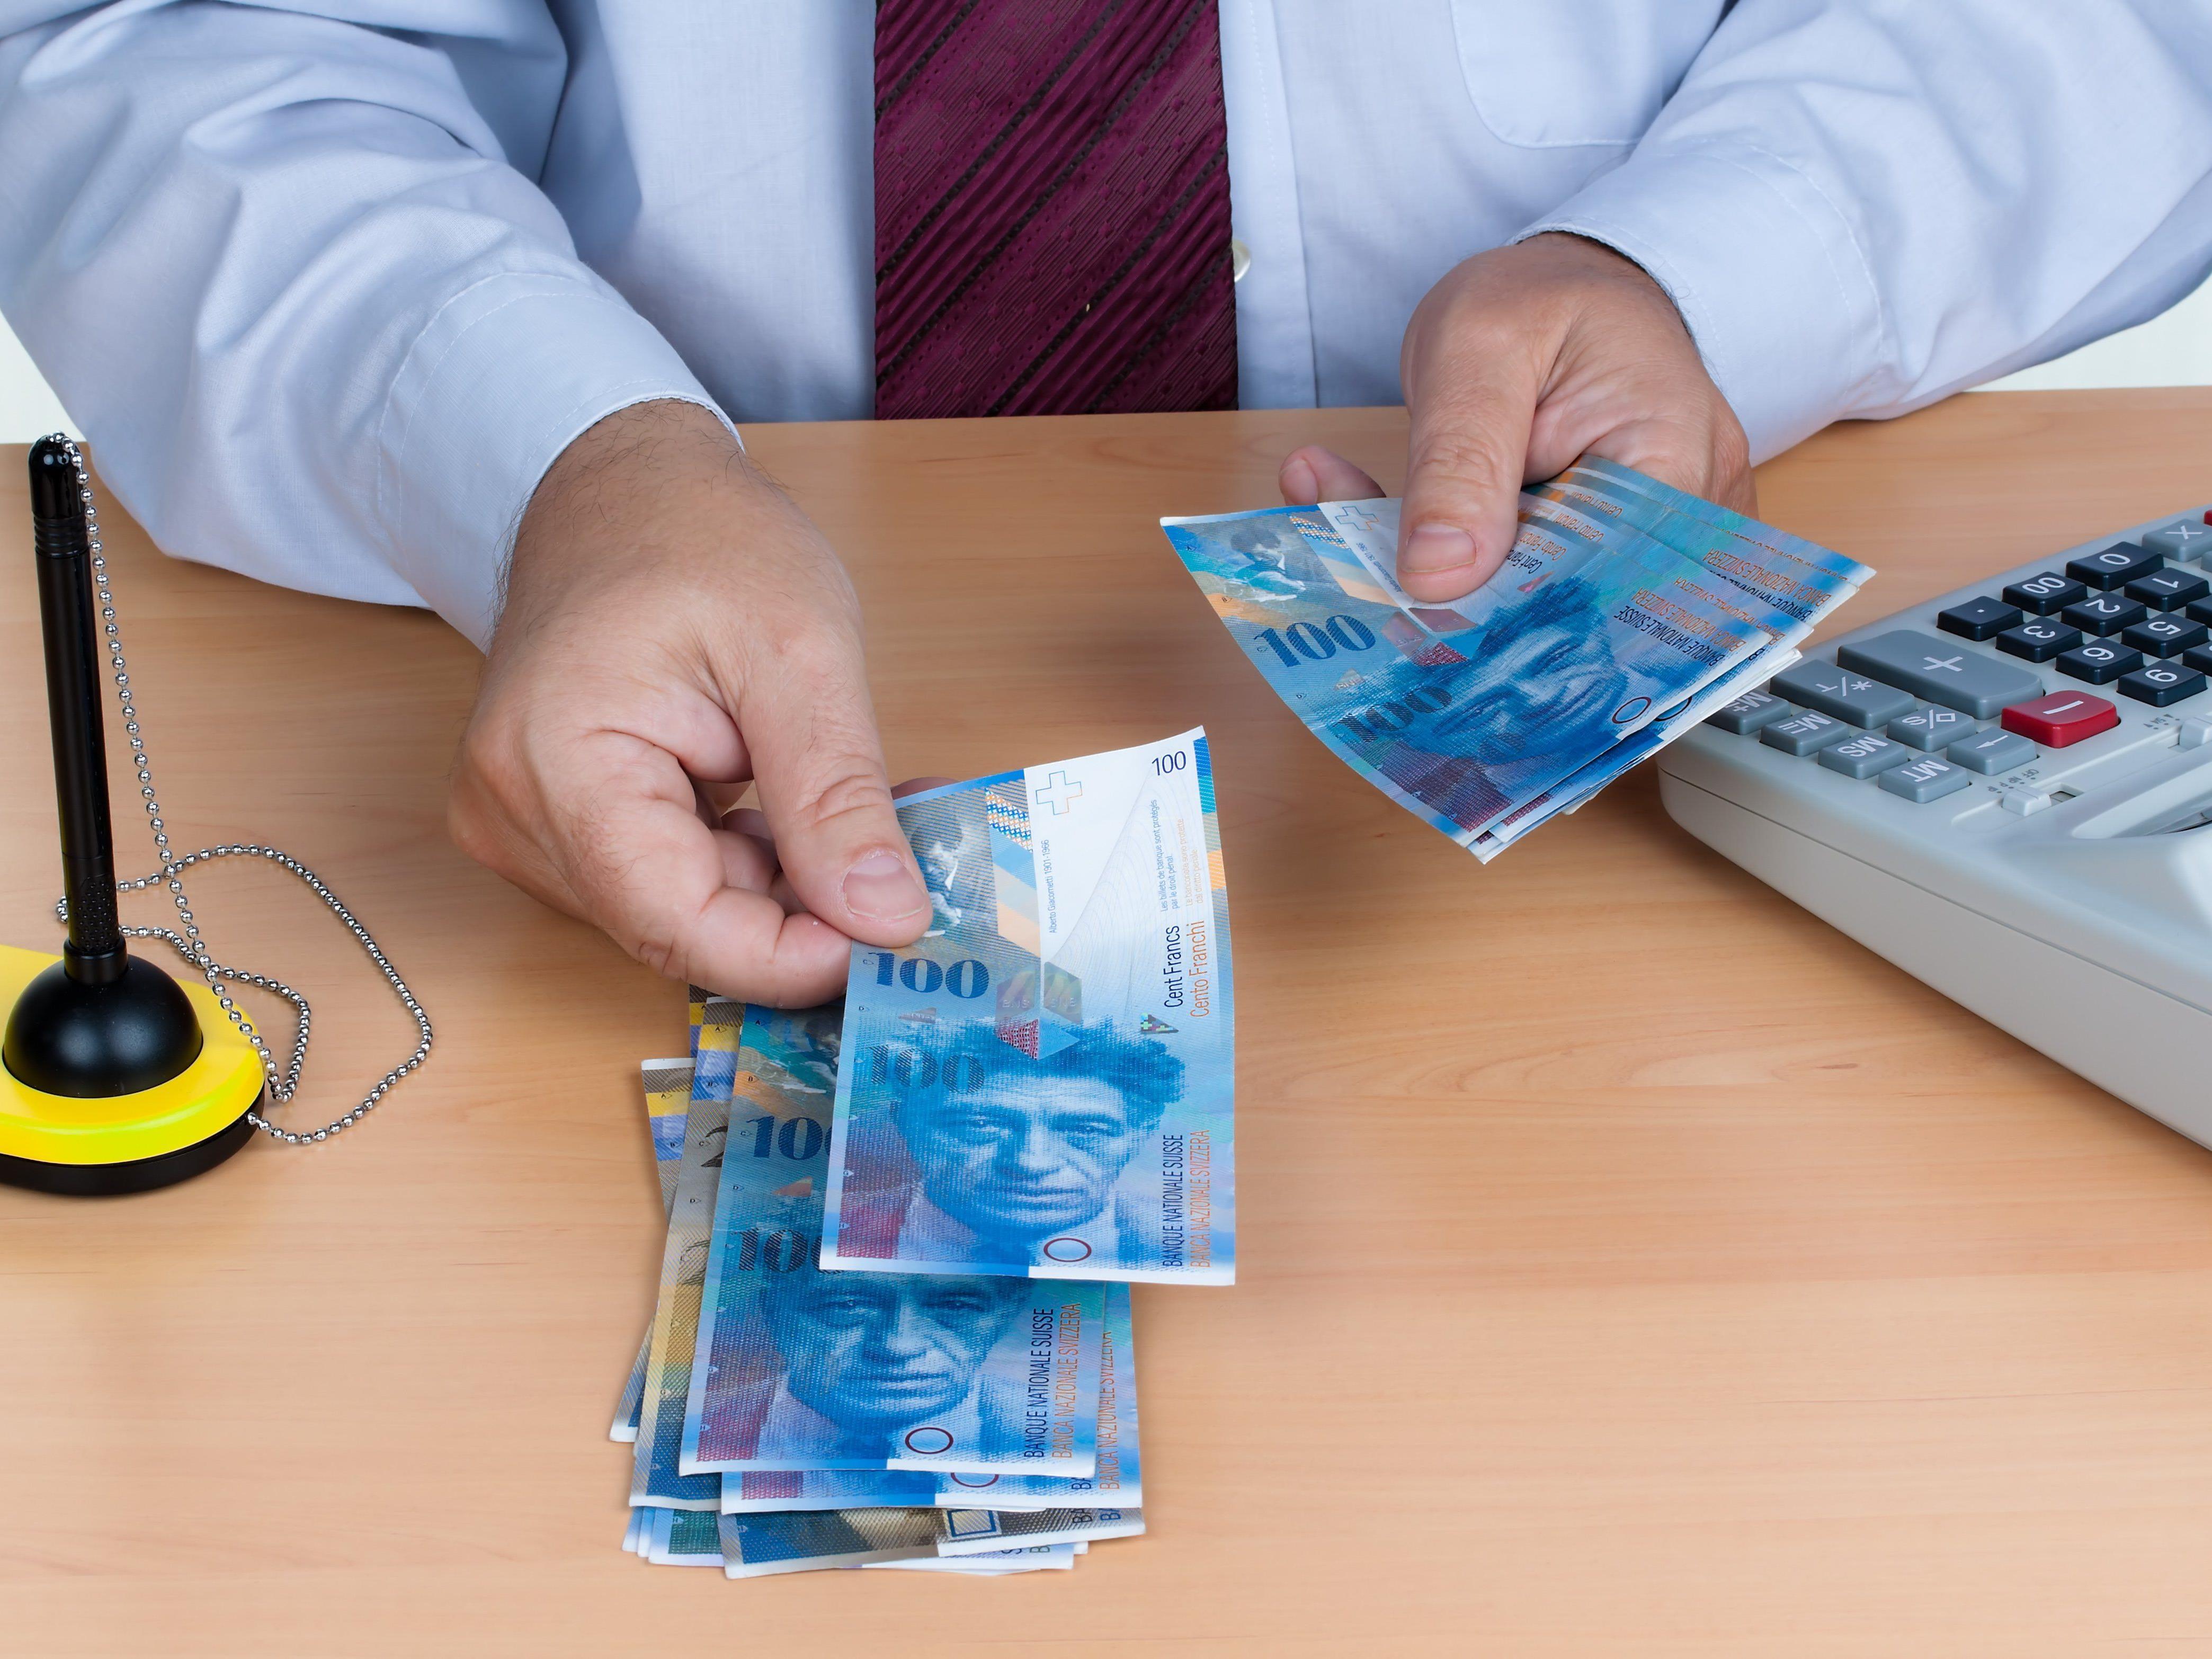 Die 300 reichsten Bewohner der Eidgenossenschaft wiederum besitzen zusammen 564 Mrd. Franken